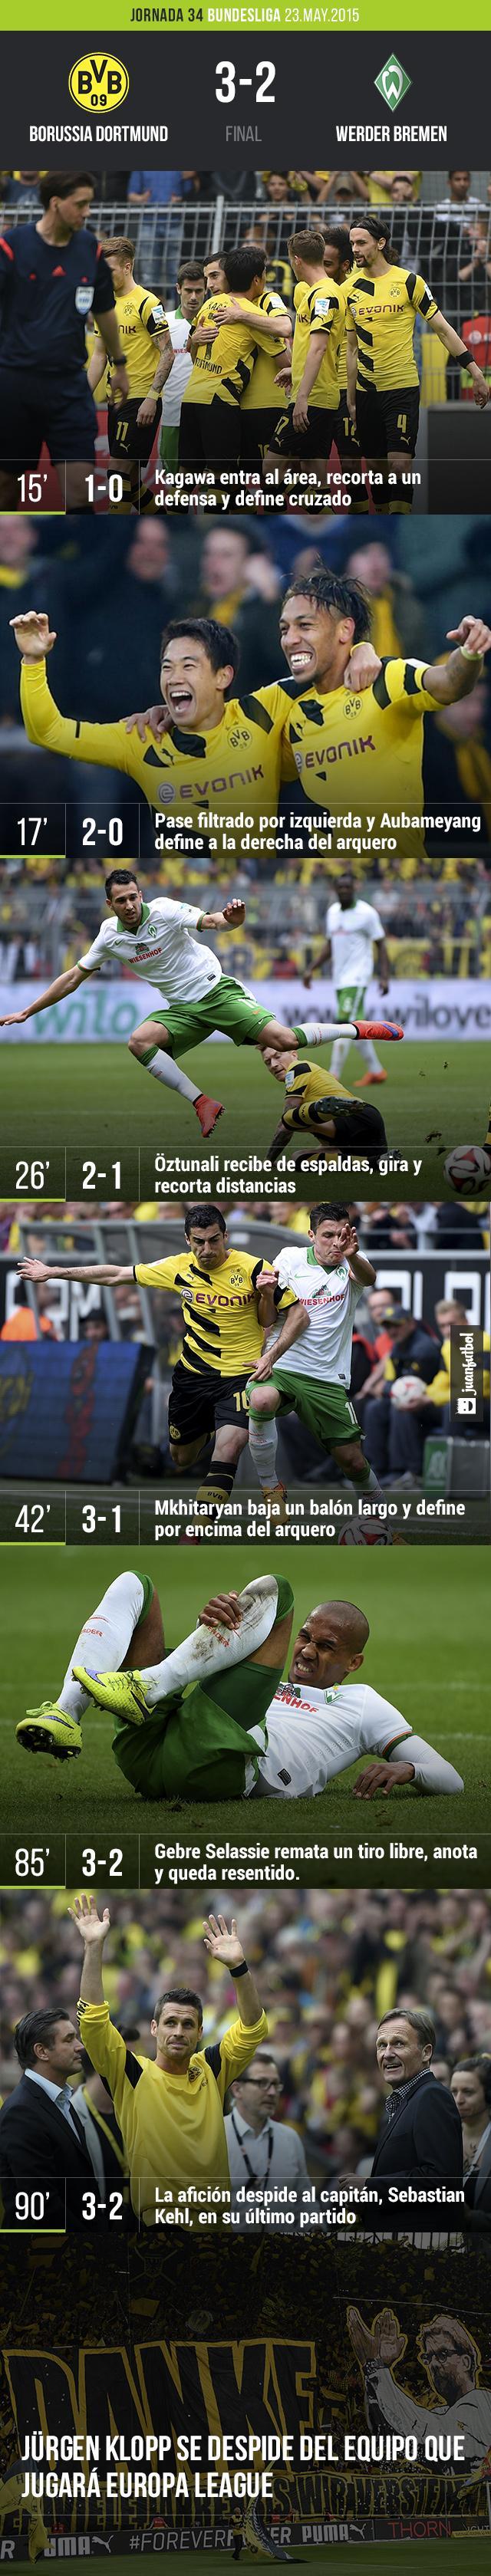 Dortmund gana en el último partido de la Bundesliga frente al Bremen. Klopp se despide como técnico y Kehl como capitán del equipo.